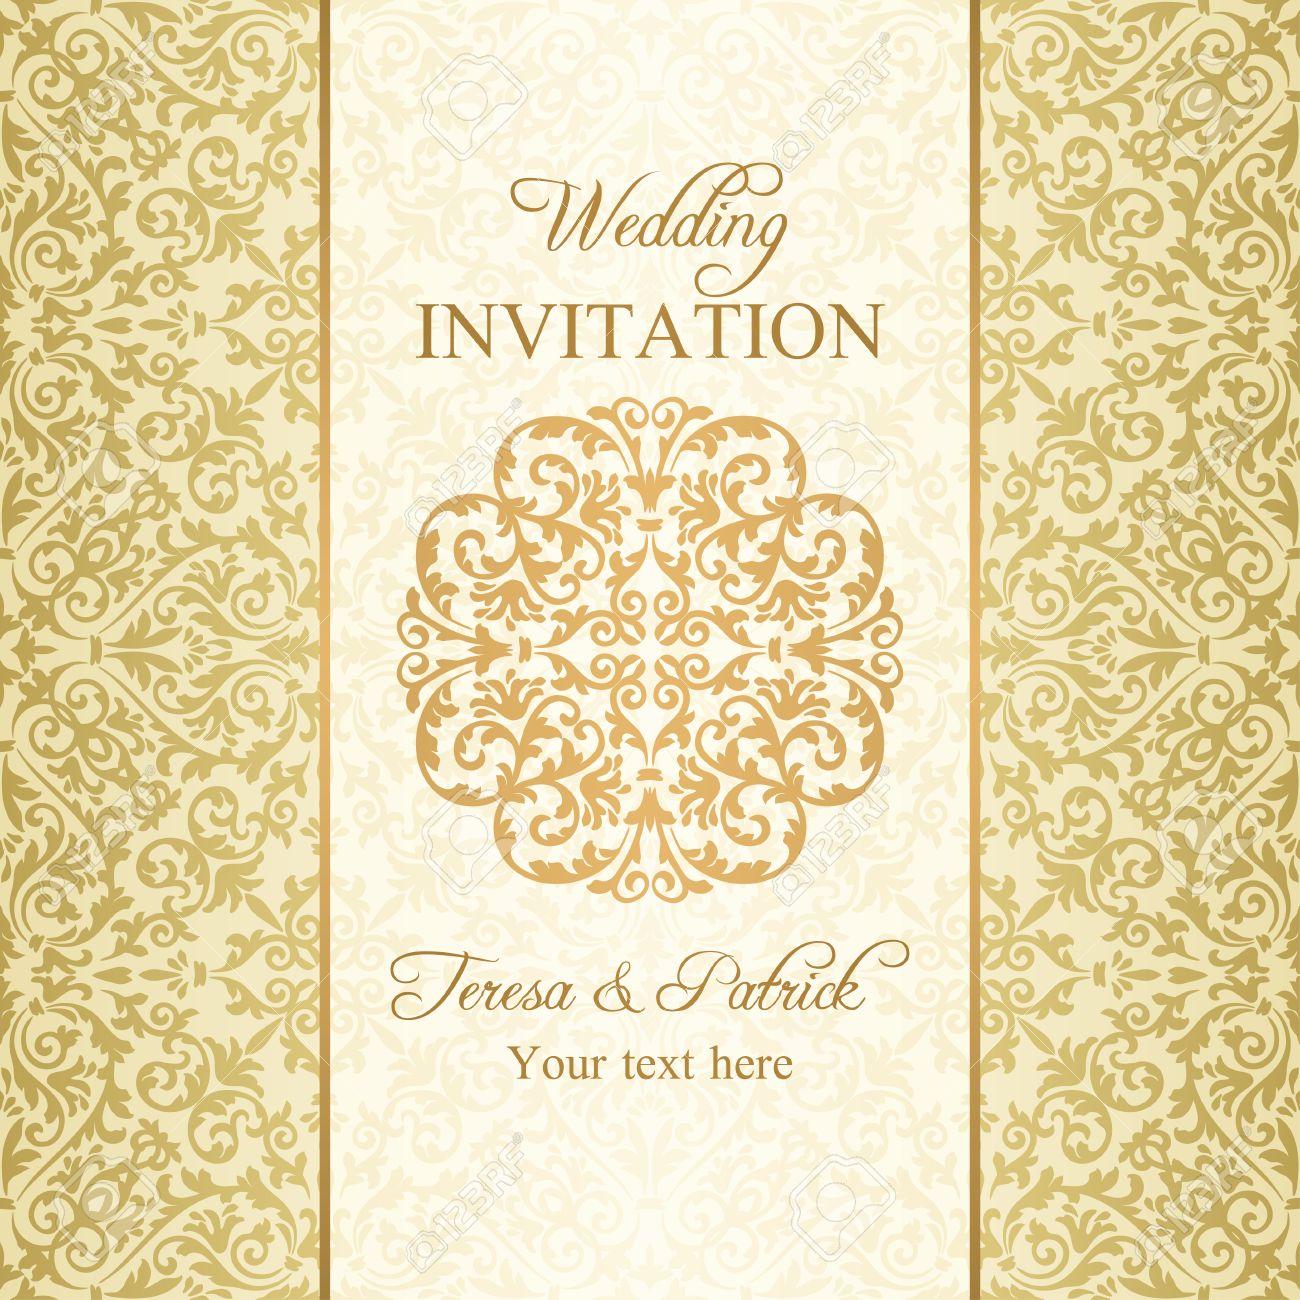 Baroque Wedding Invitation Gold On Beige Background